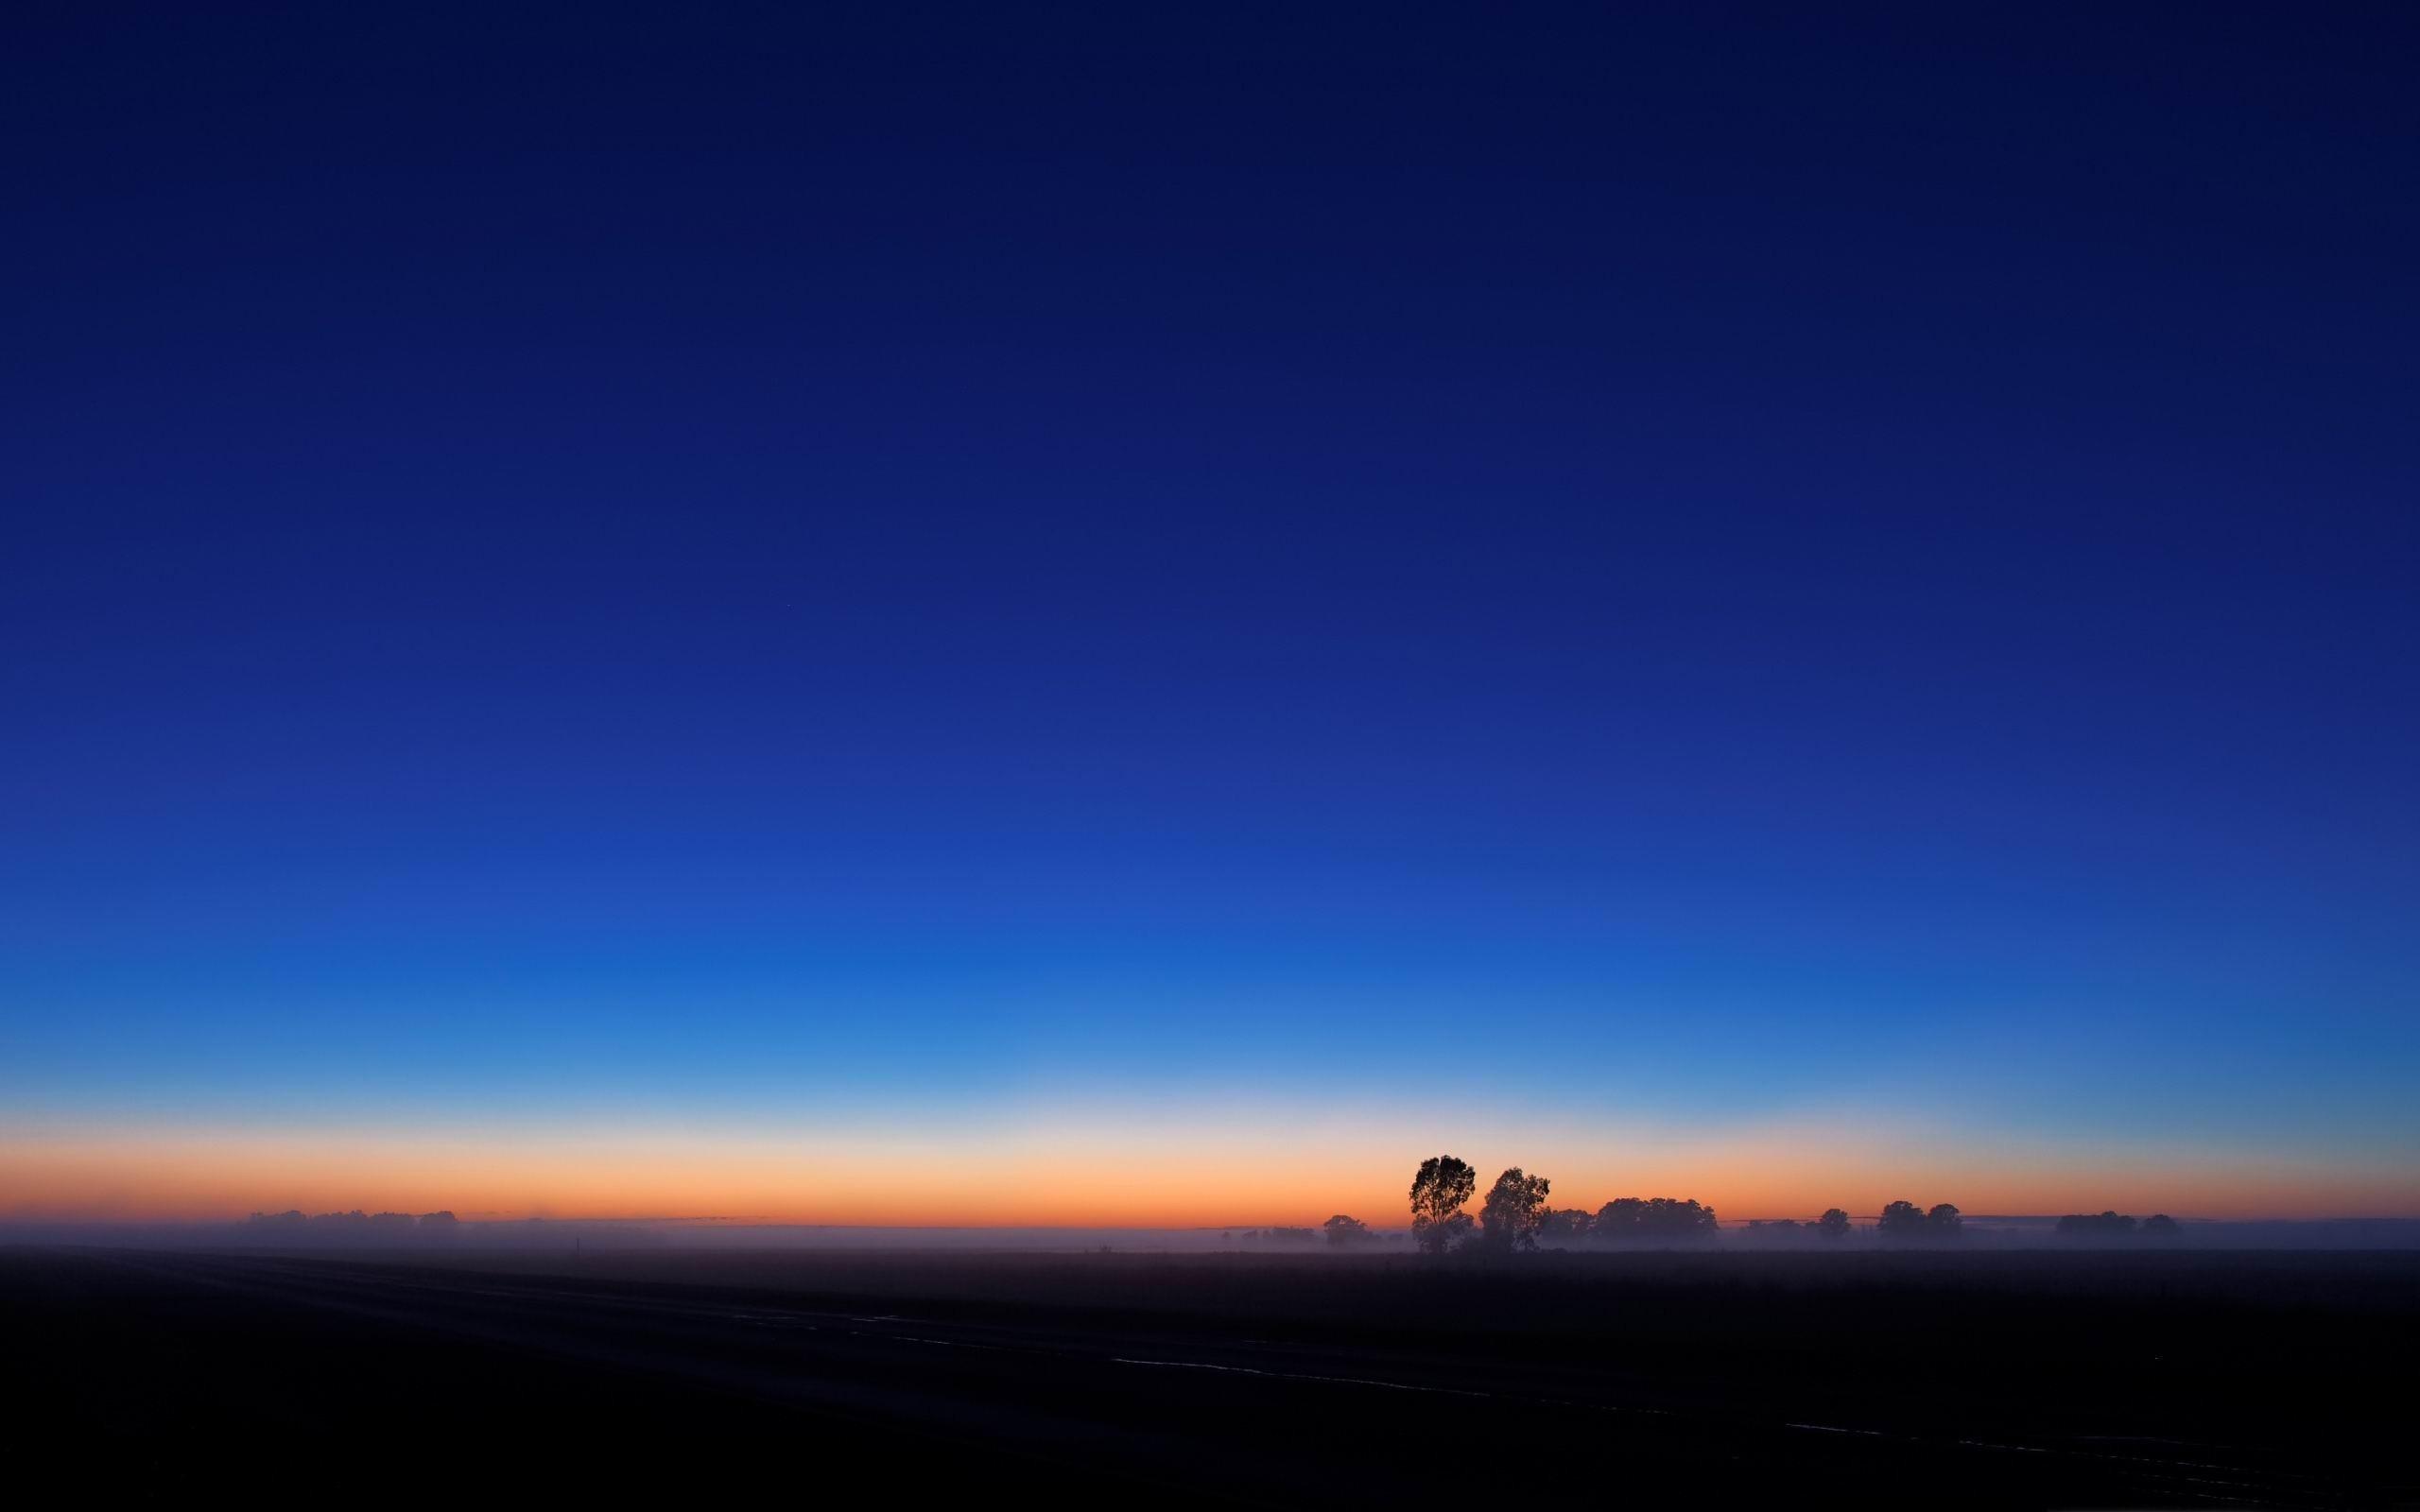 Lovely Night Sky Wallpaper 5774